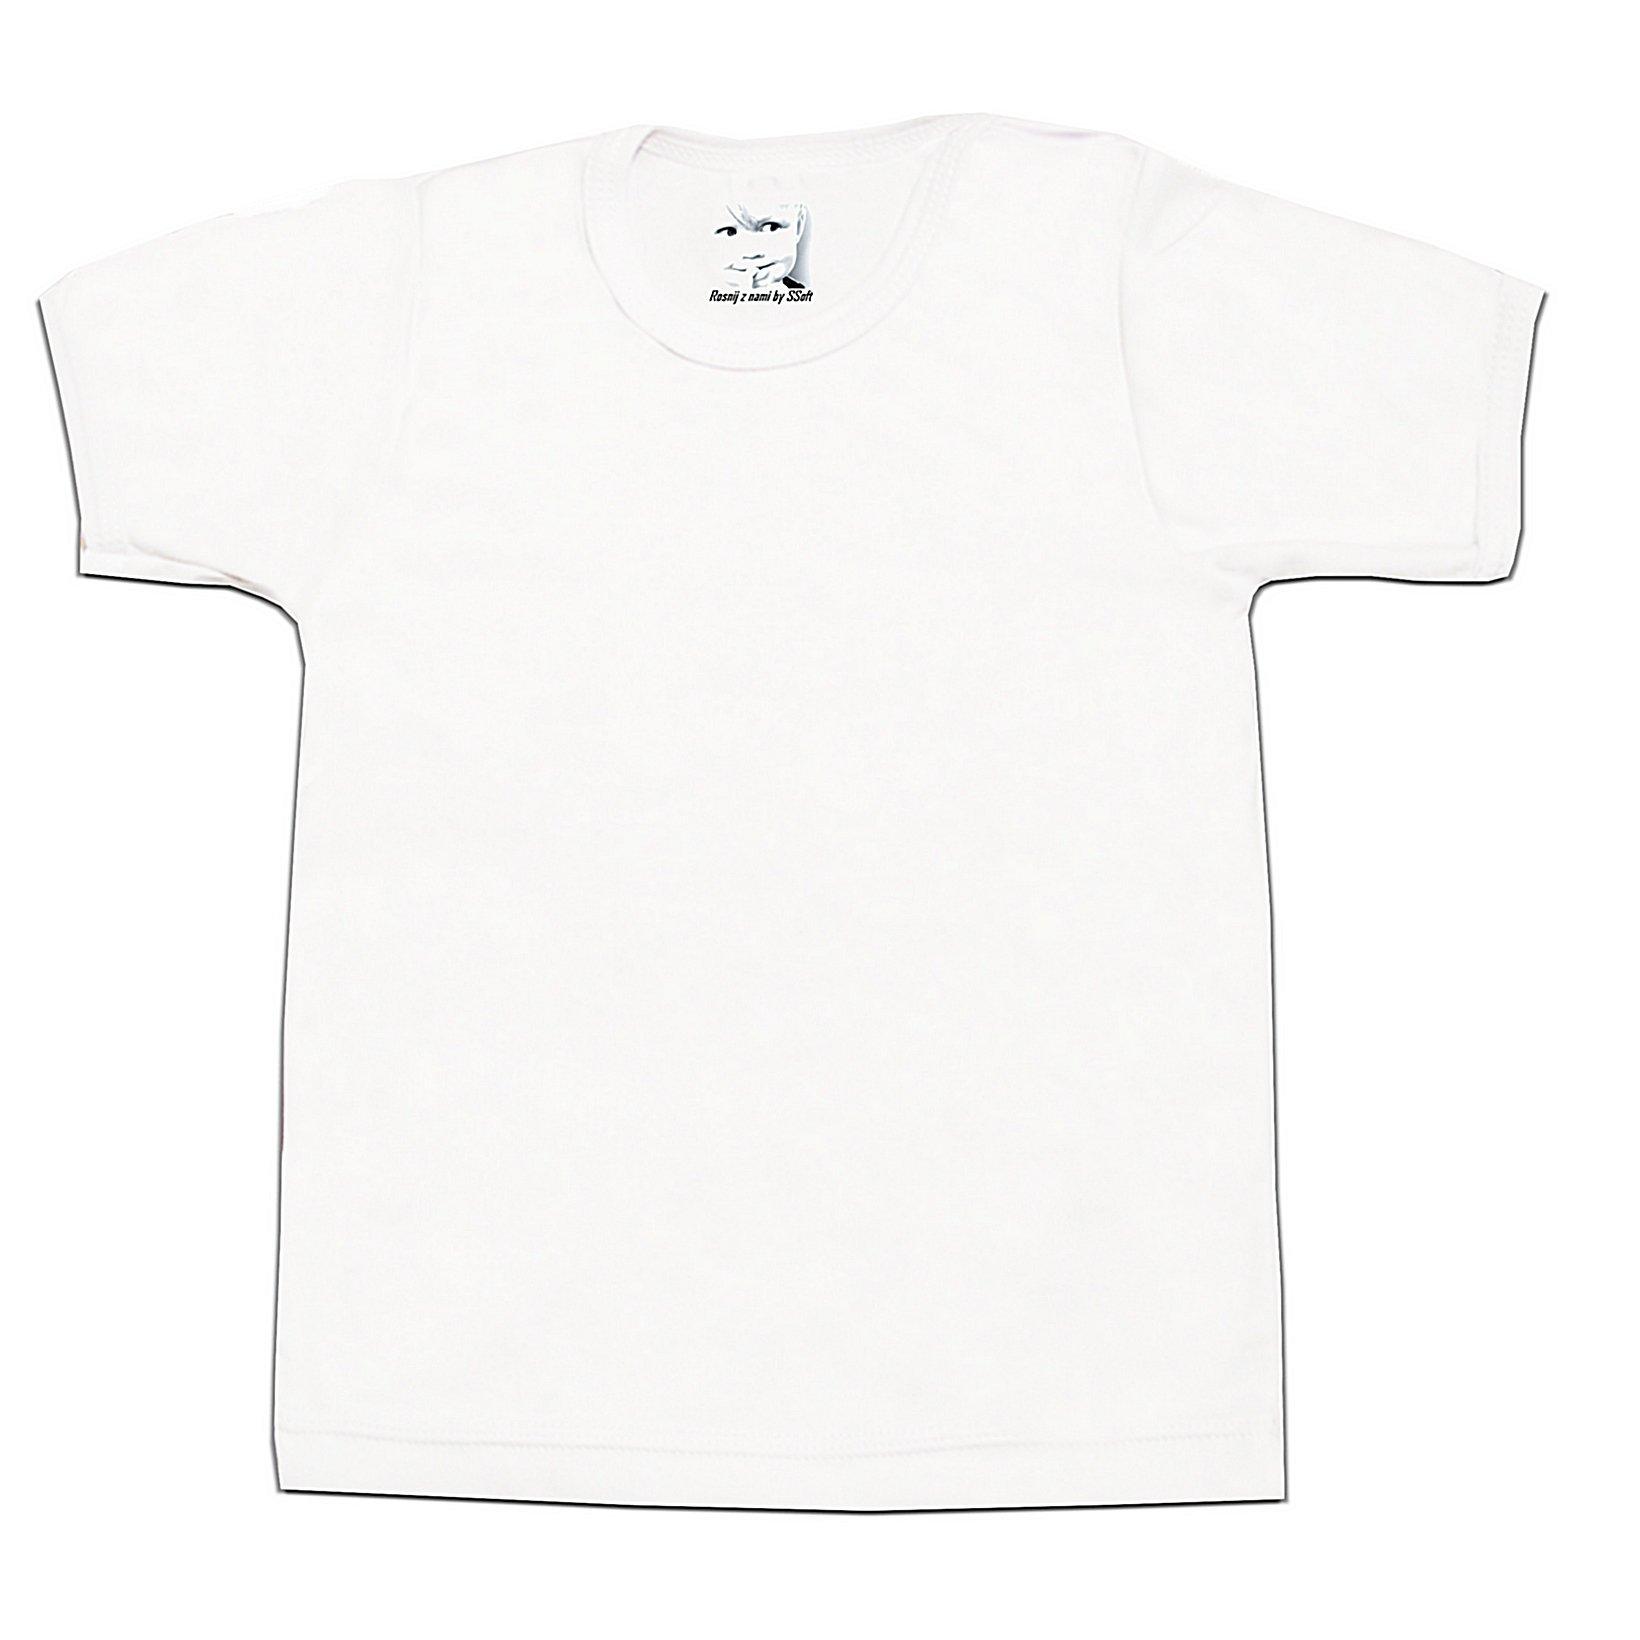 934f7aff0d636c Koszulka 86 krótki rękaw 100% bawełny bluzka BIAŁA 7162167668 - Allegro.pl